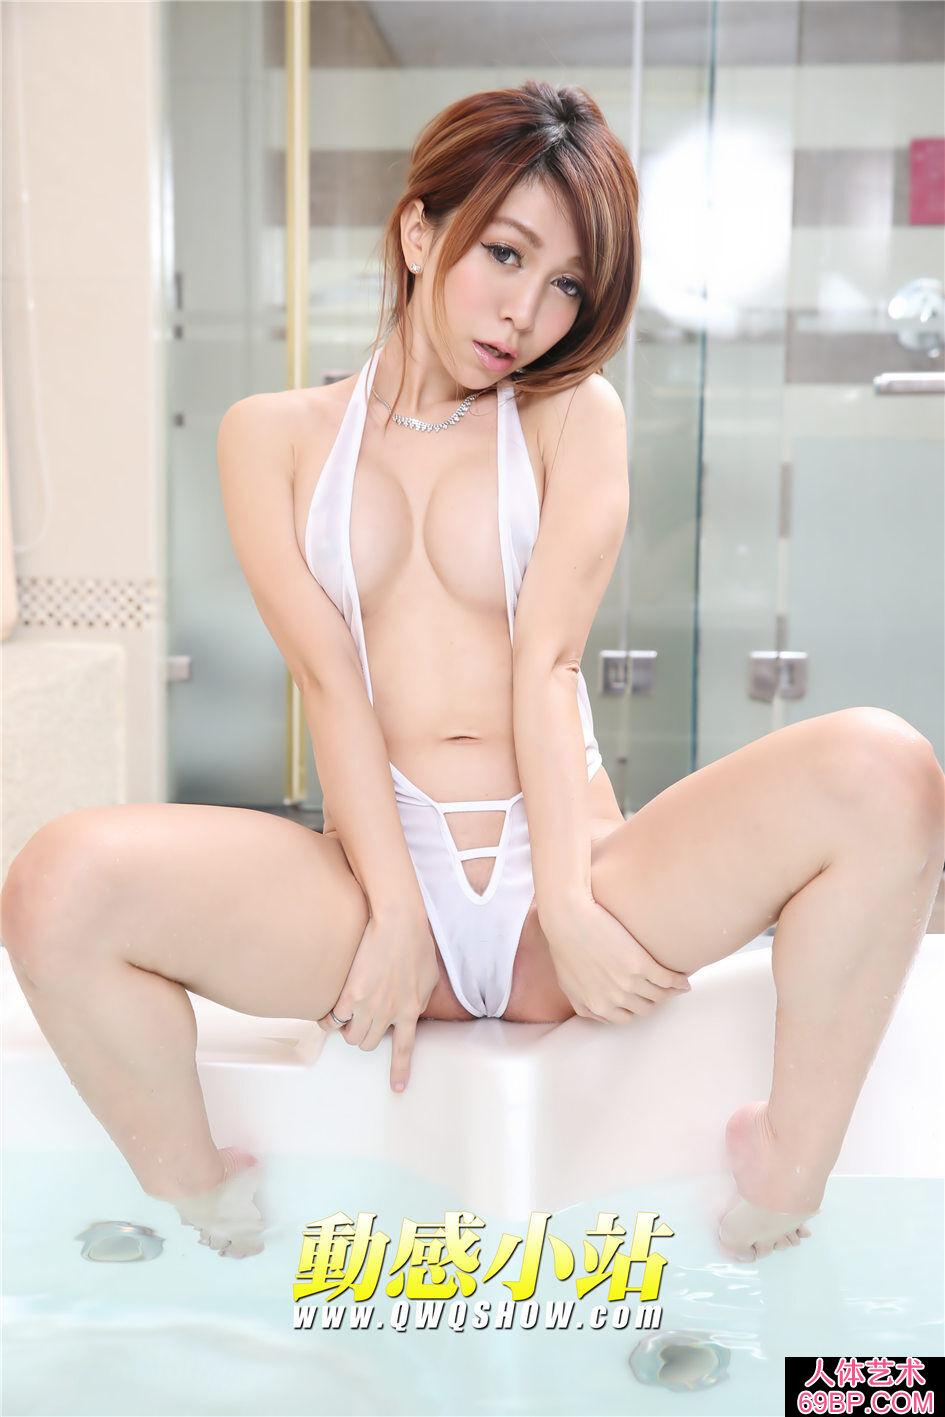 穿艳丽白色情趣泳池的台模布布摄影